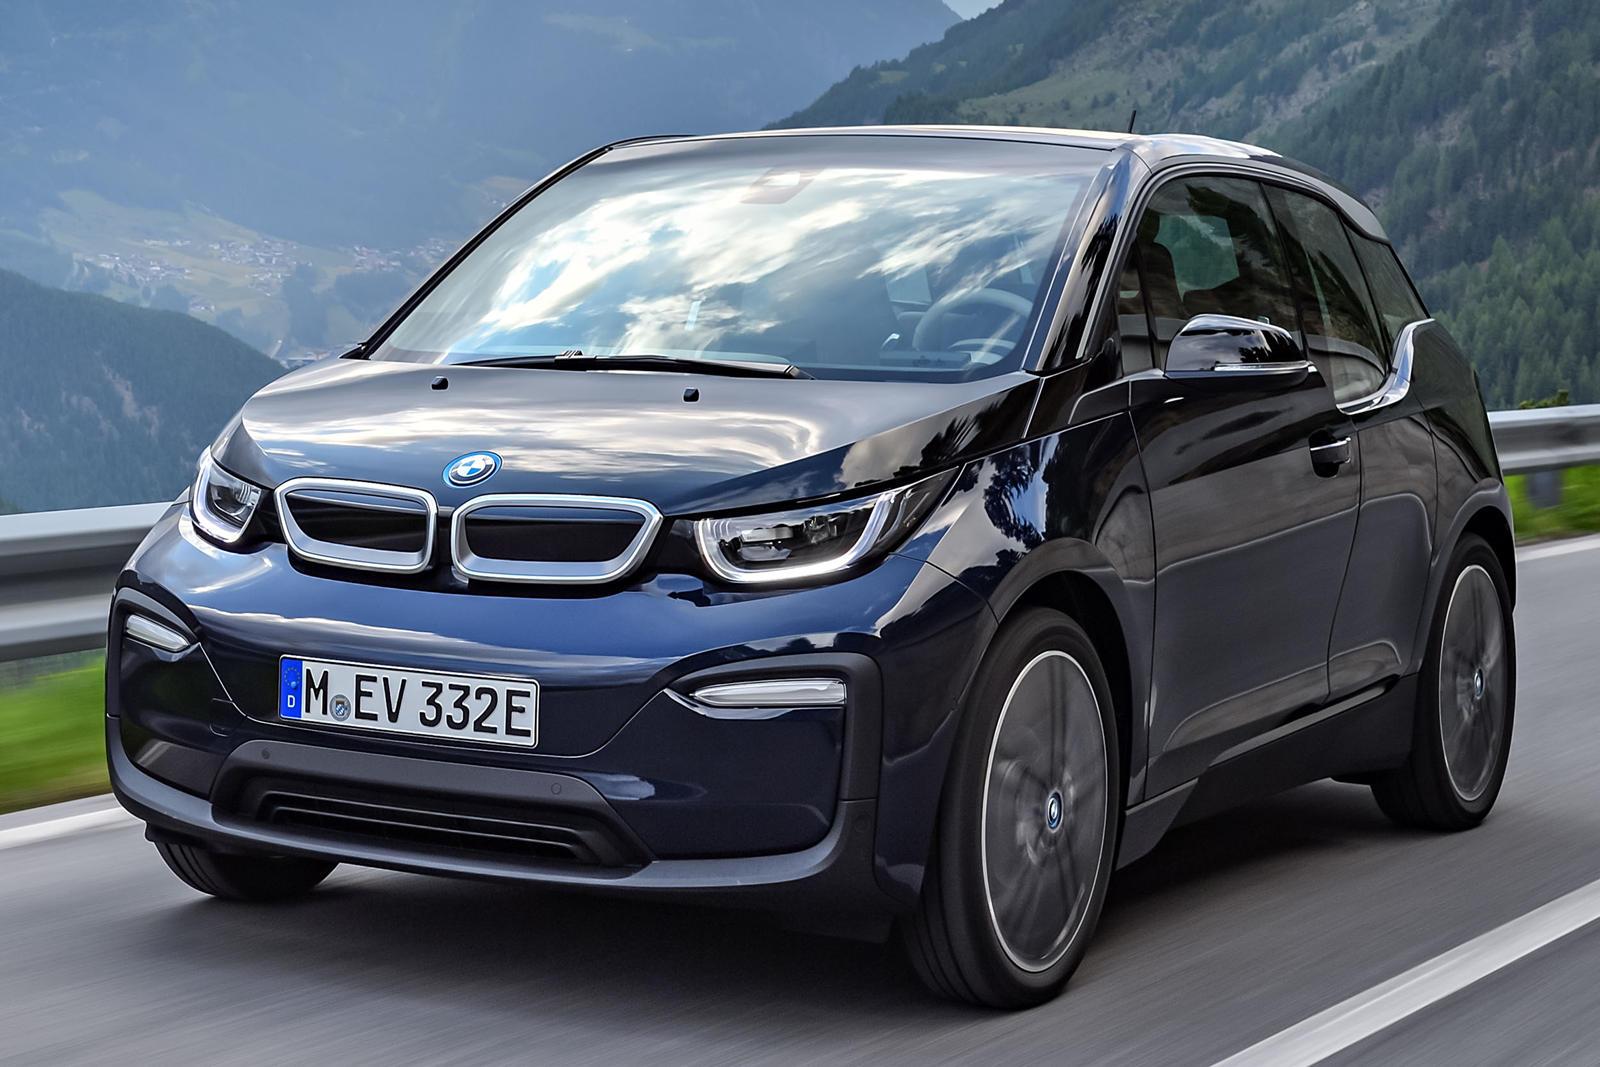 Двигатель с увеличенным диапазоном, предлагаемый в i3, представляет собой крошечный двухцилиндровый мотор объемом 647 куб. см, позаимствованный из линейки скутеров BMW Motorad.